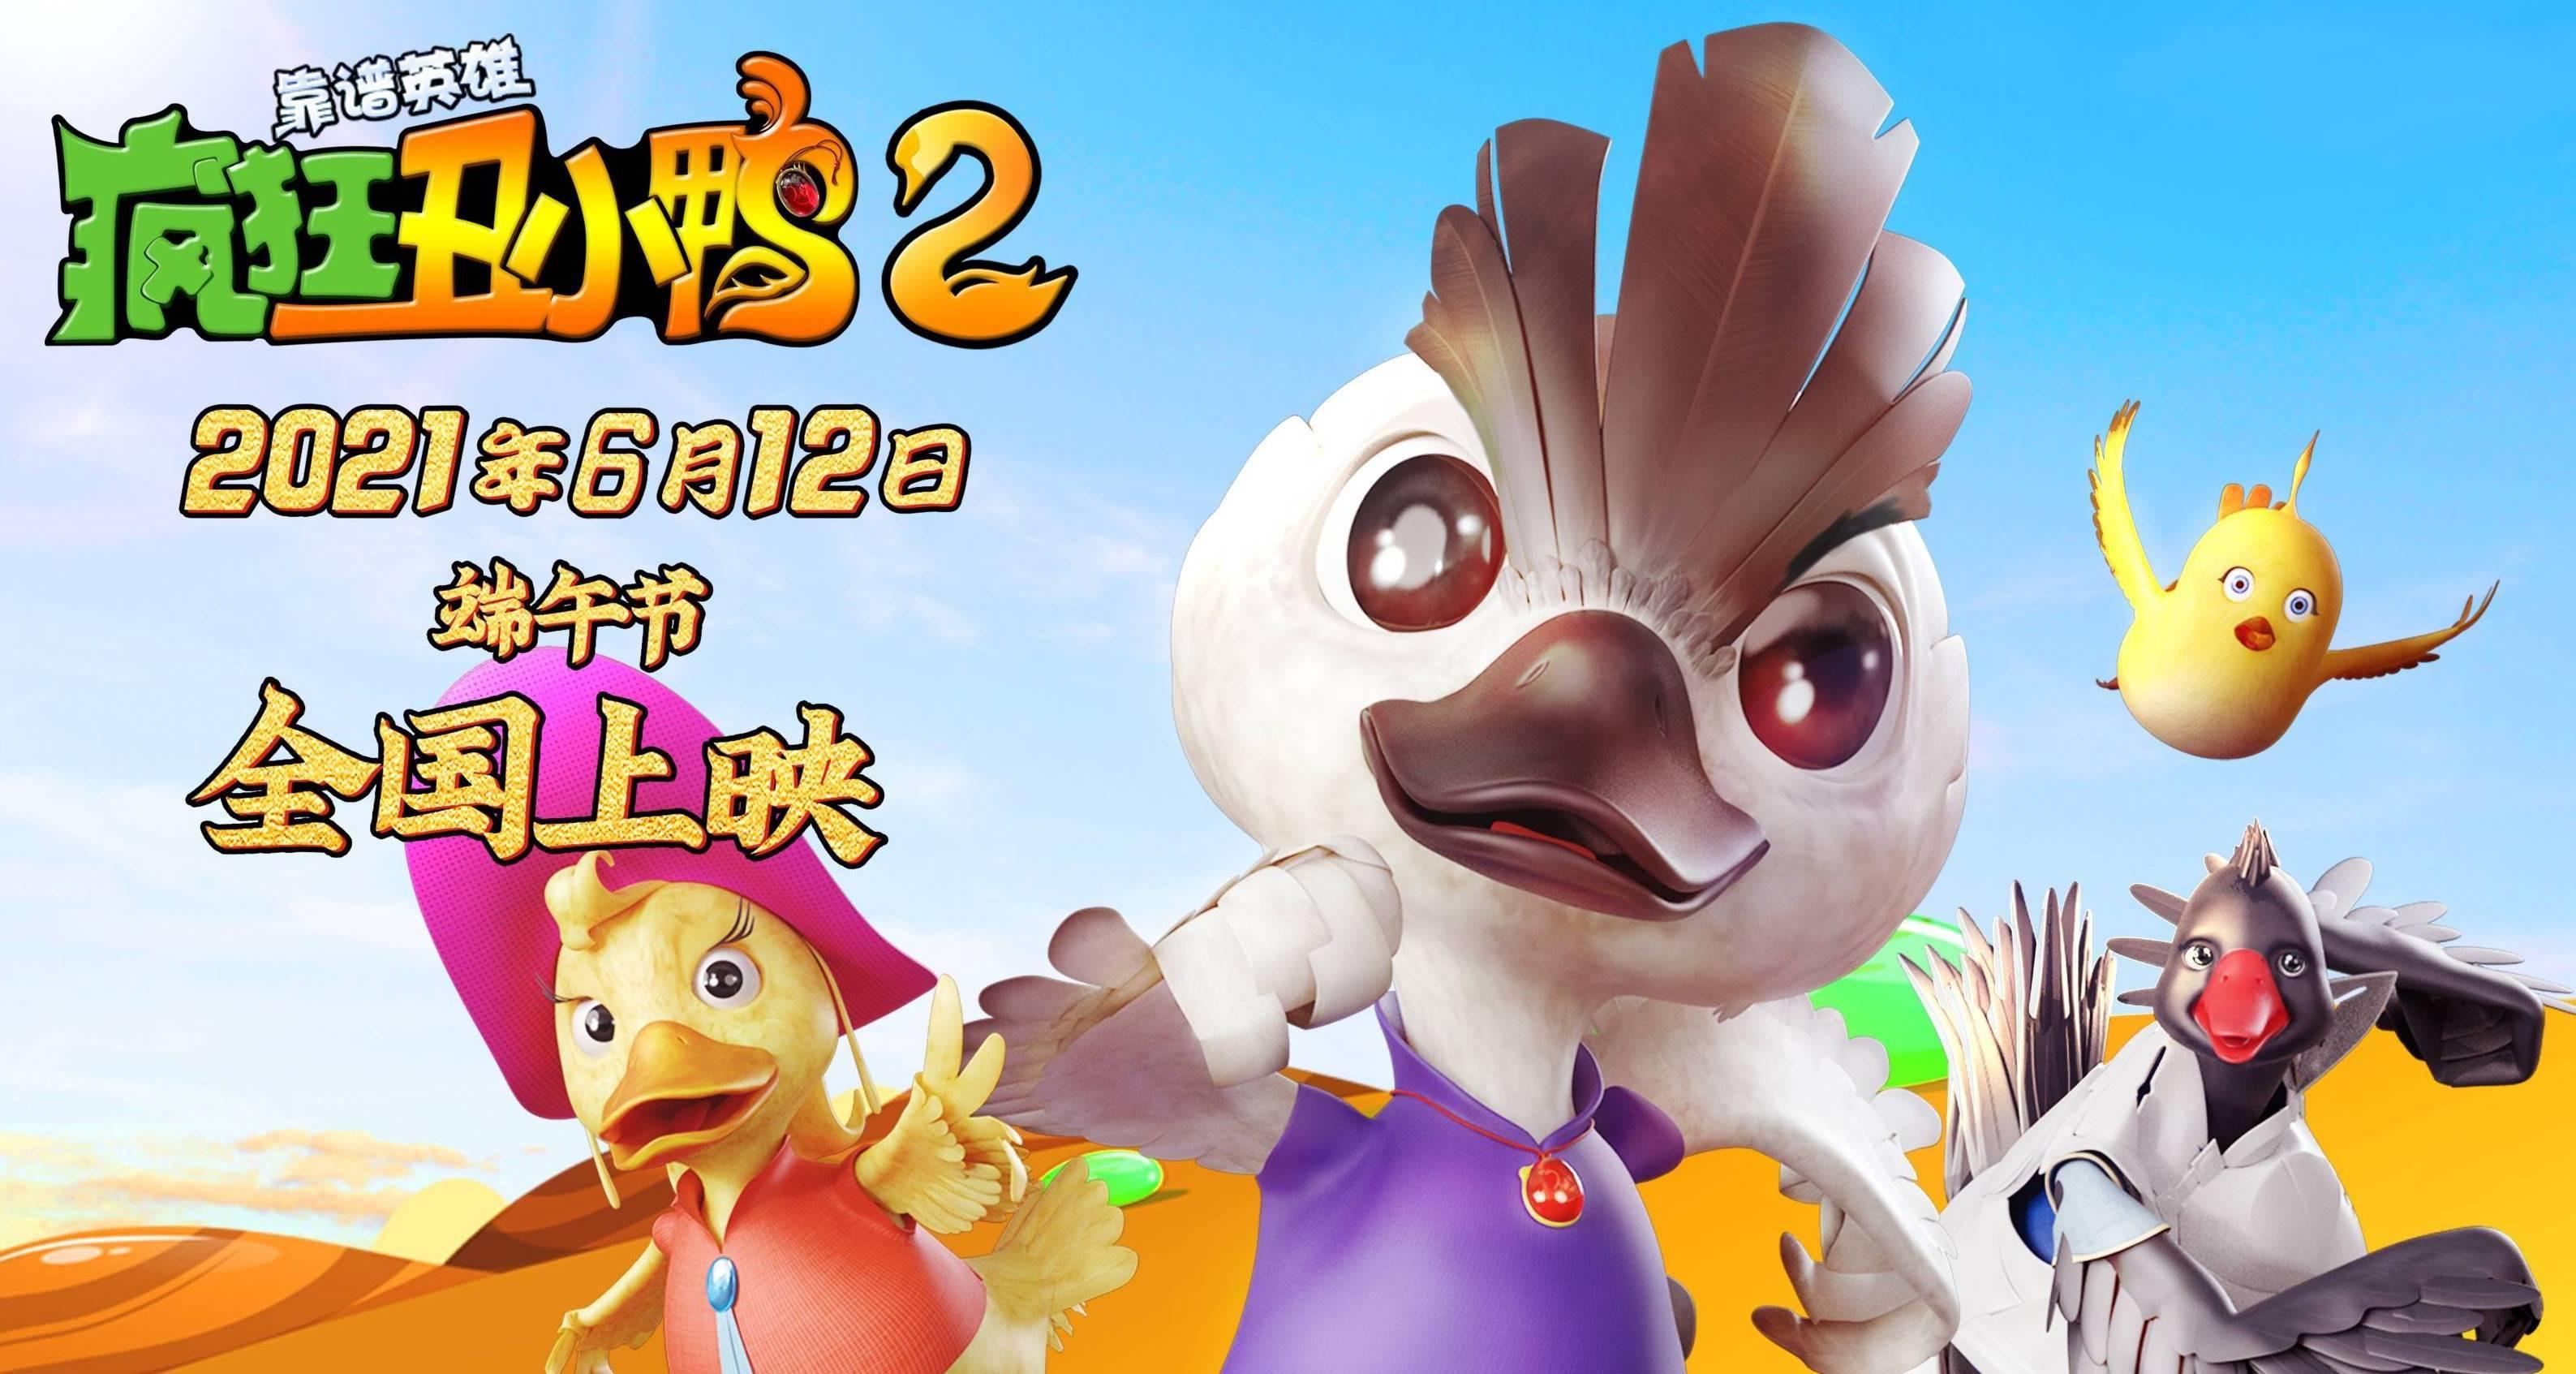 《疯狂丑小鸭2靠谱英雄》6月1日的全国超前点映,片方发布点映倒计时5天海报